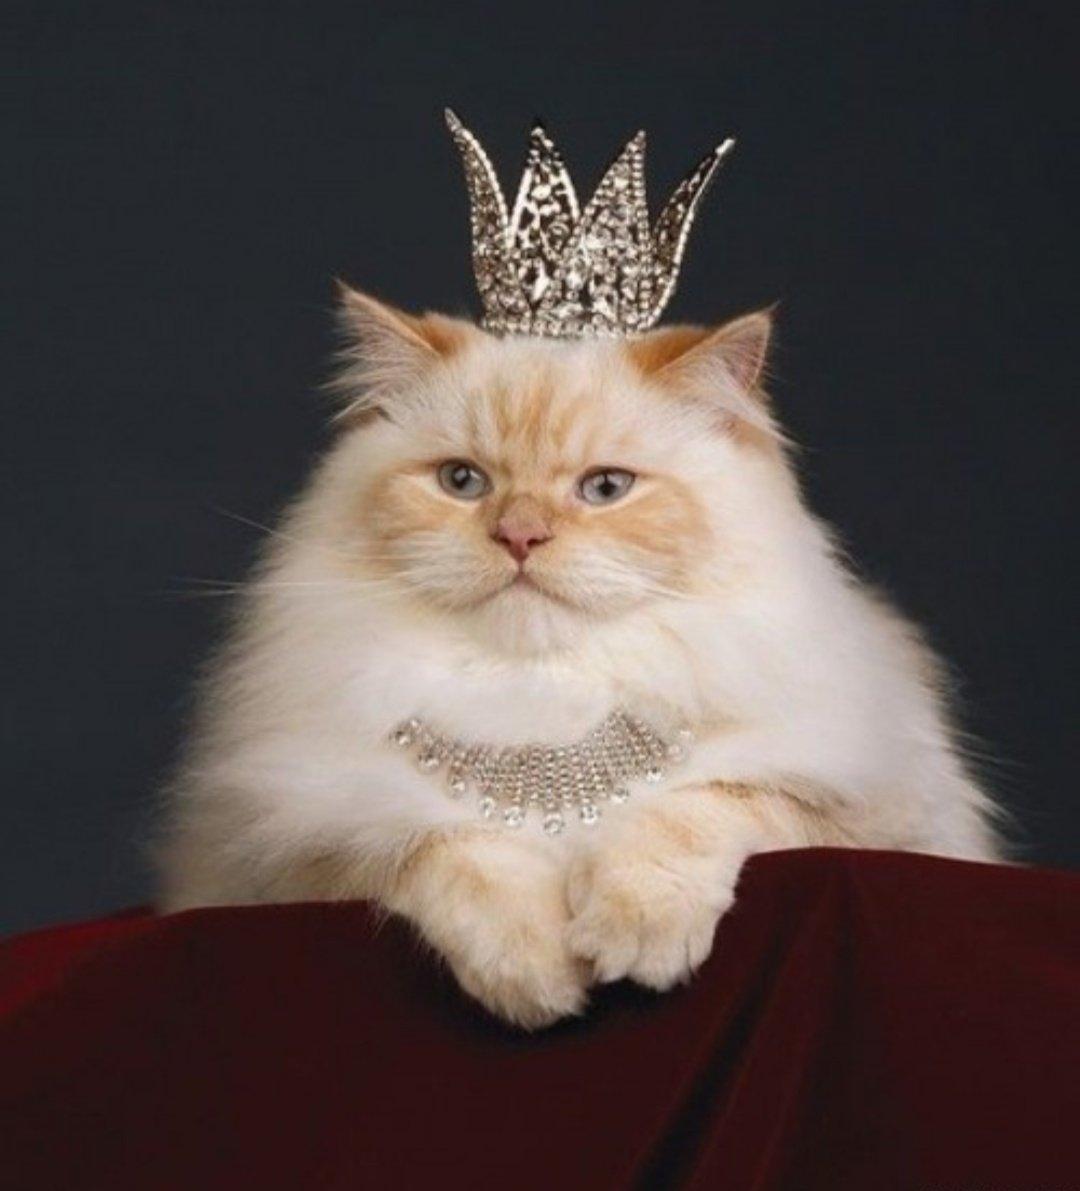 Прикольные картинки с короной, днем рождения картинки